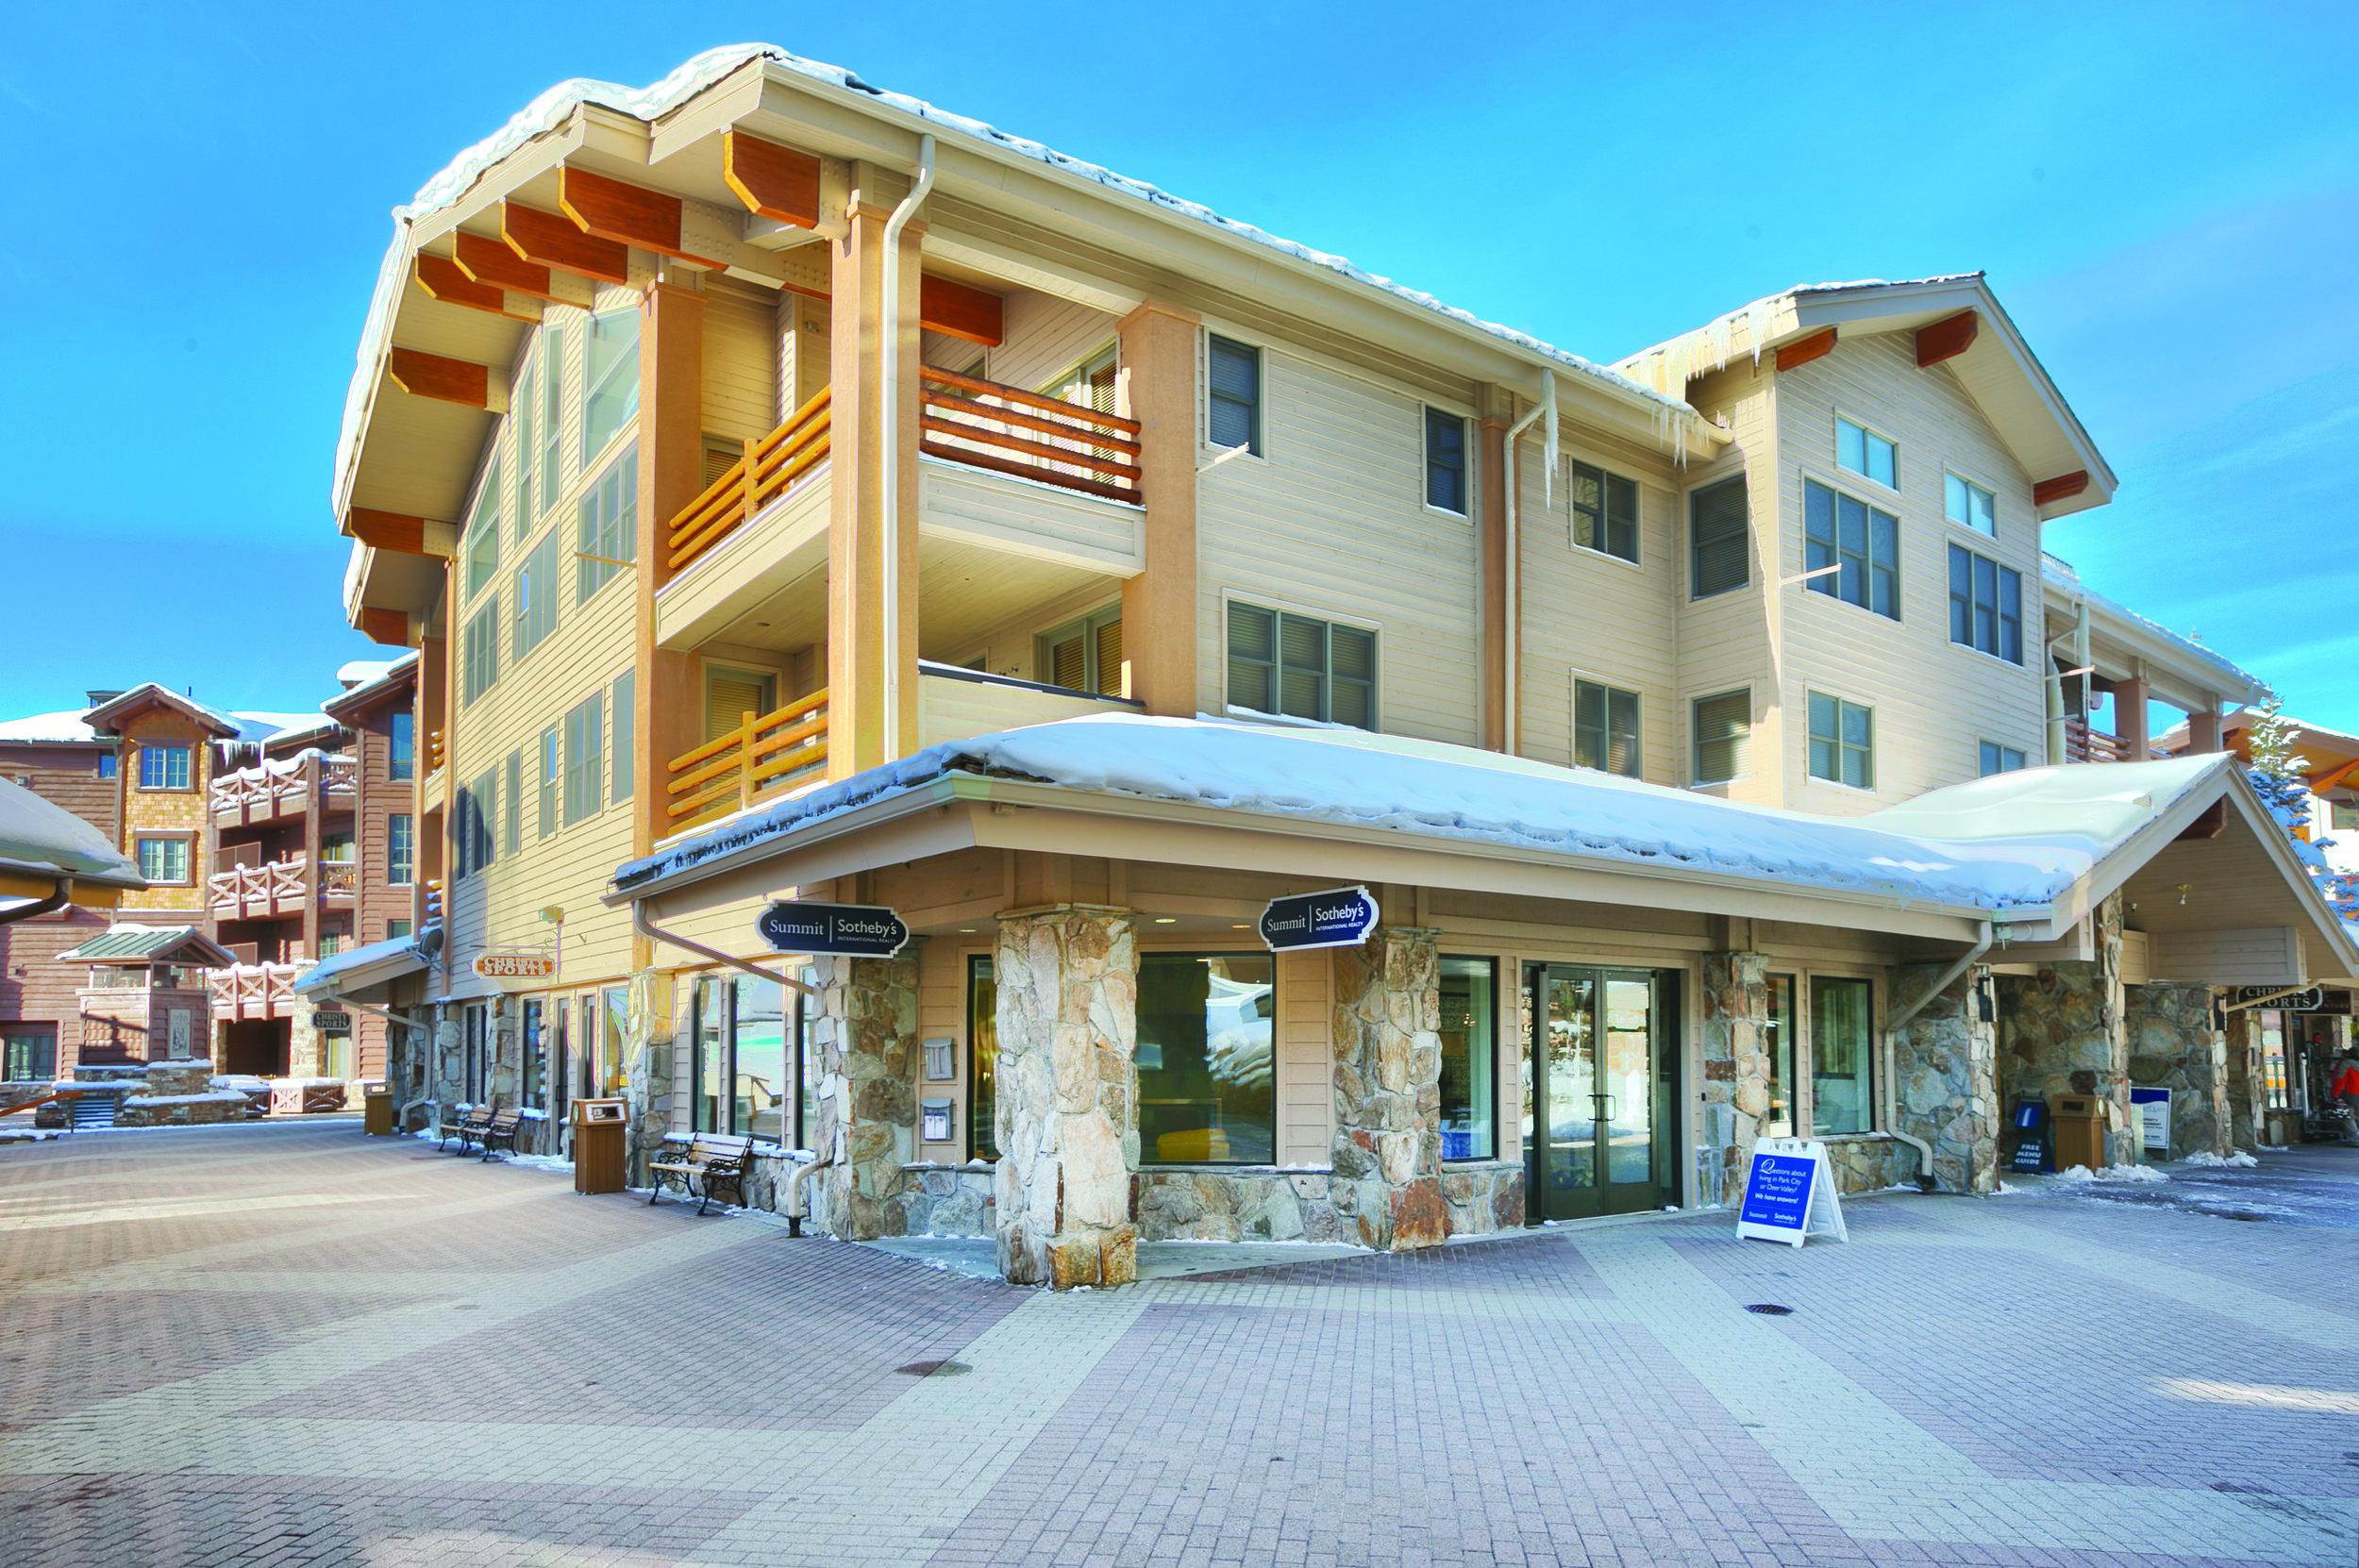 Deer Valley Resort - Mont Cervin Plaza #105Deer Valley, Utah 84060